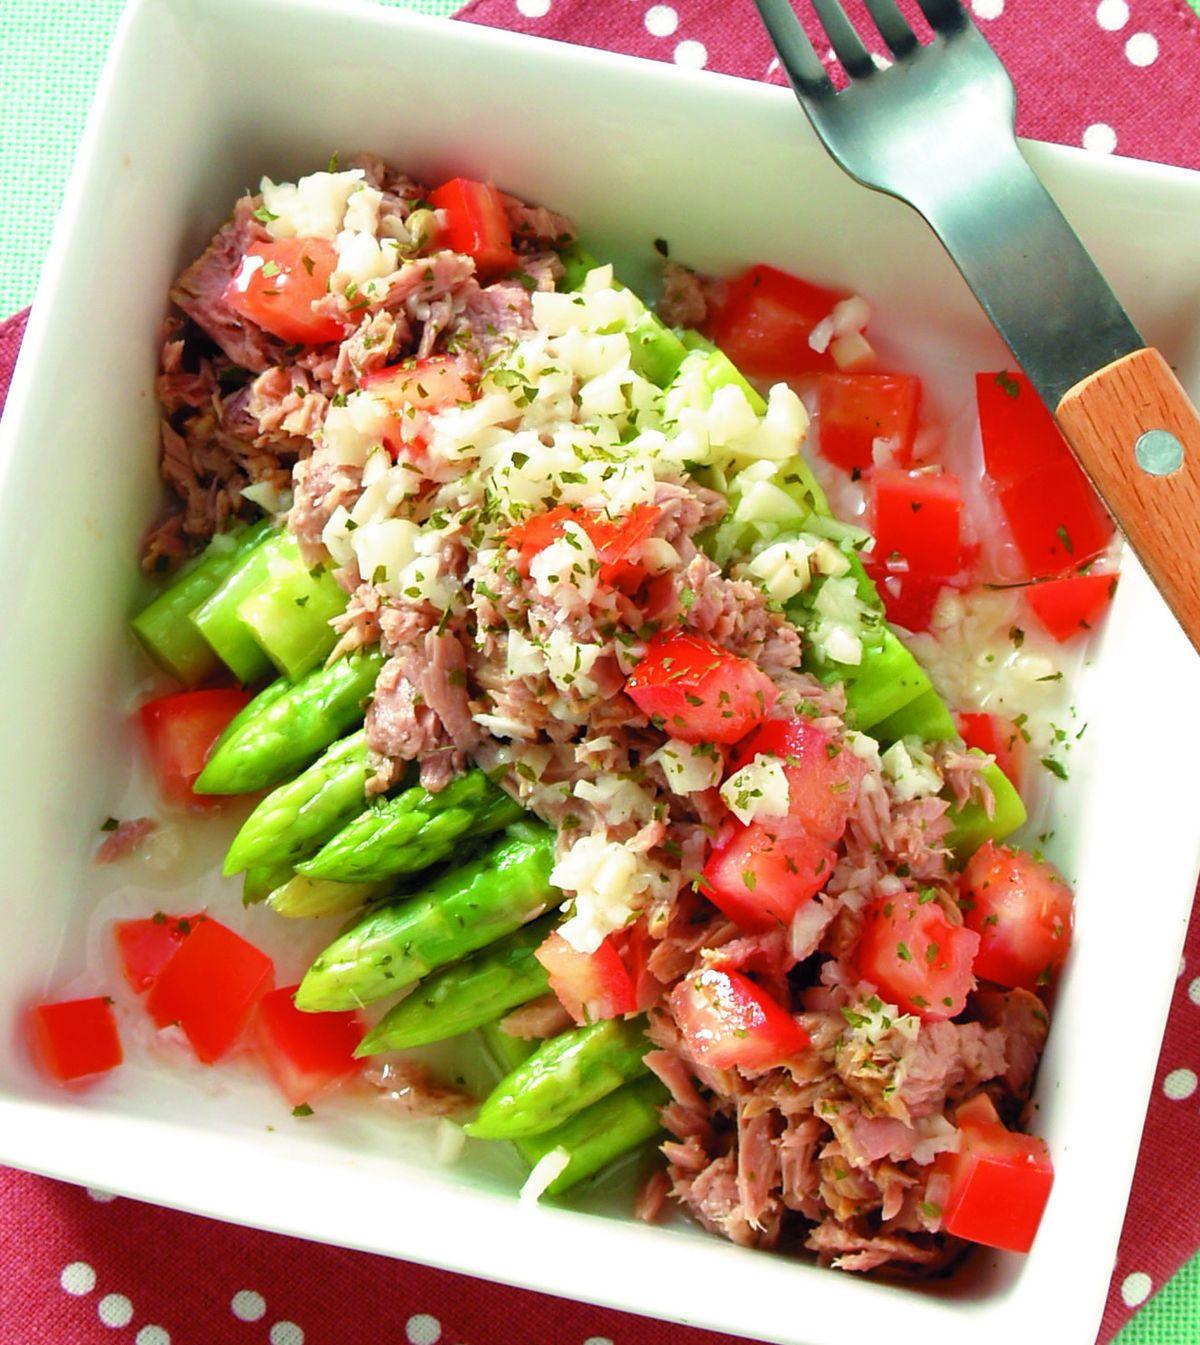 食譜:蘆筍蕃茄鮪魚沙拉佐乾欖大蒜醬